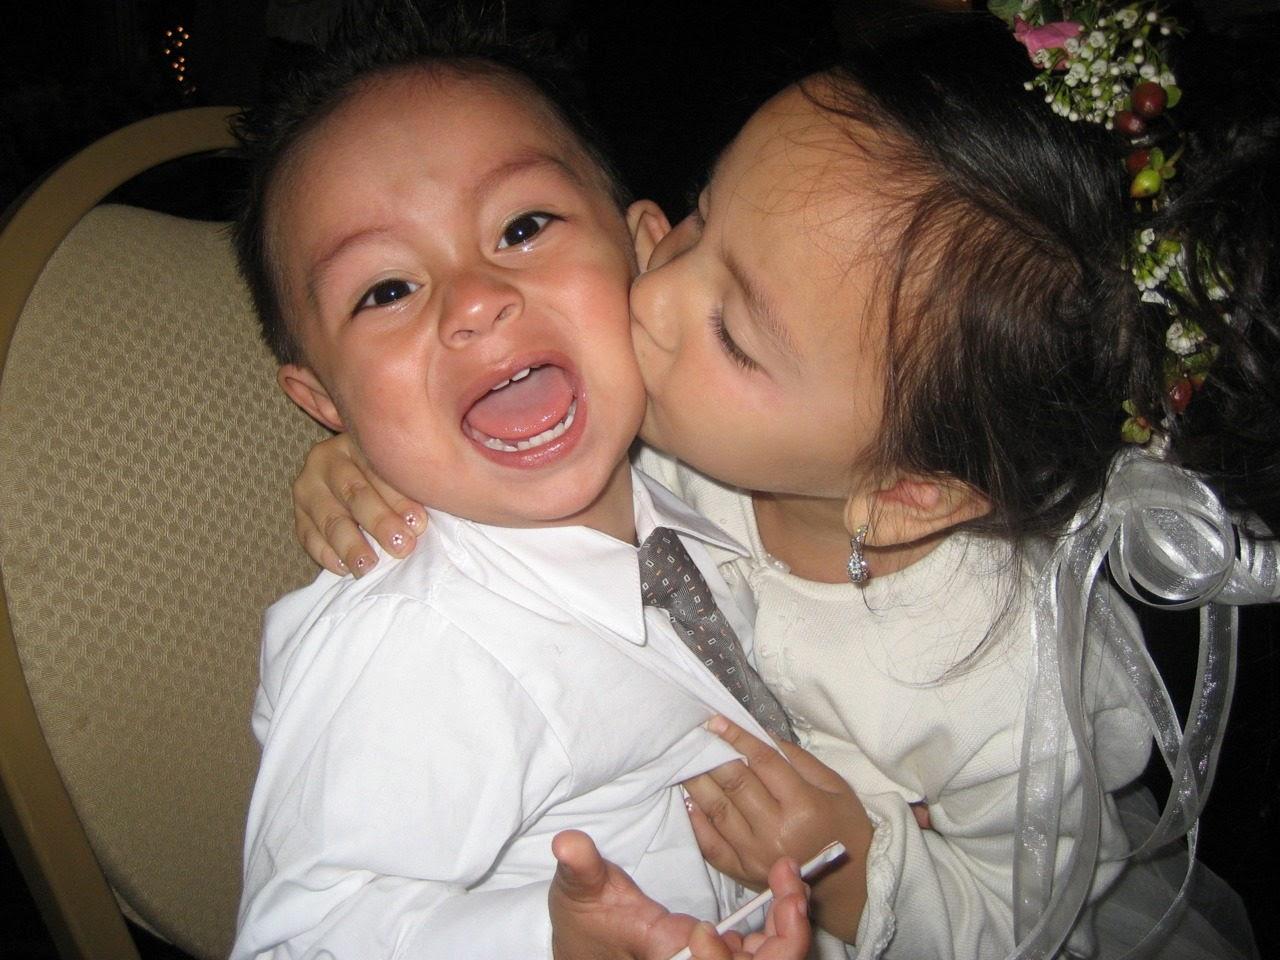 Gambar lucu bayi perempuan mencium bayi laki-laki